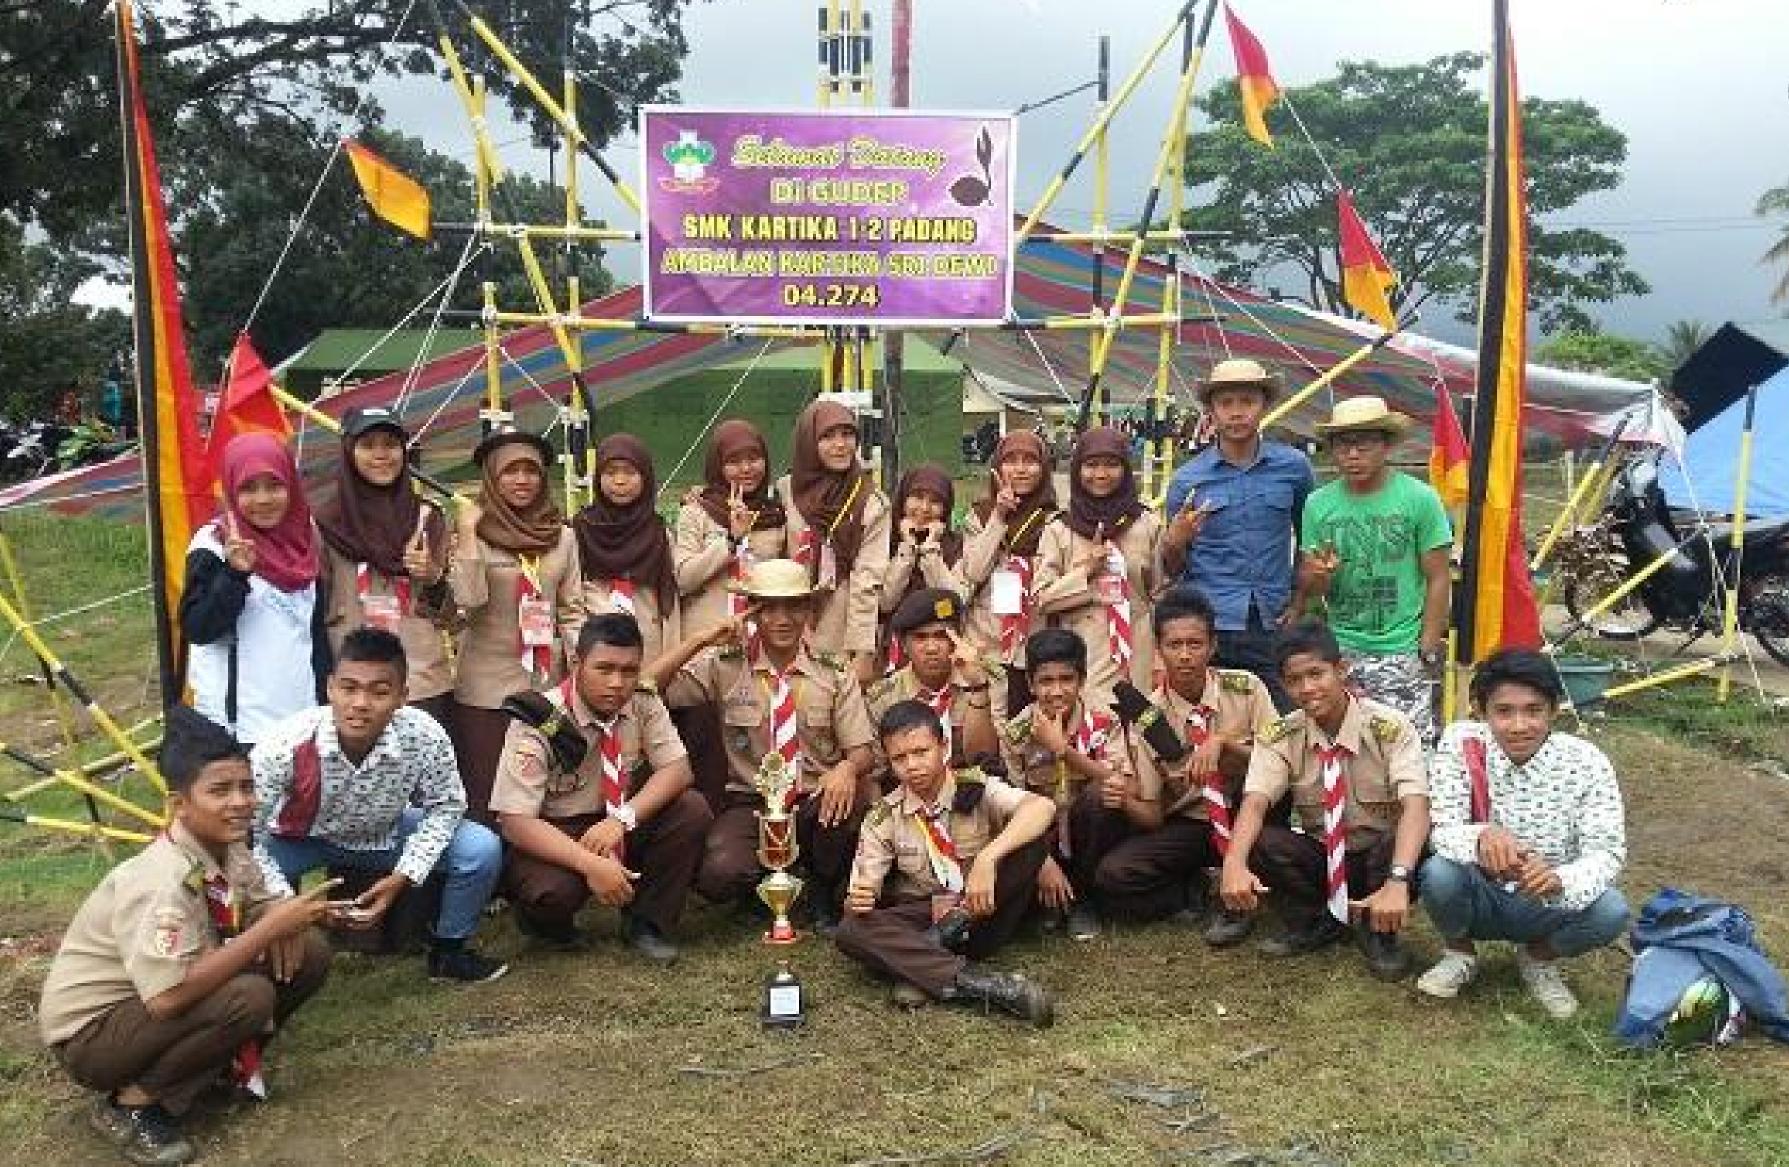 Selamat Datang di SMK Kartika 1-2 Padang